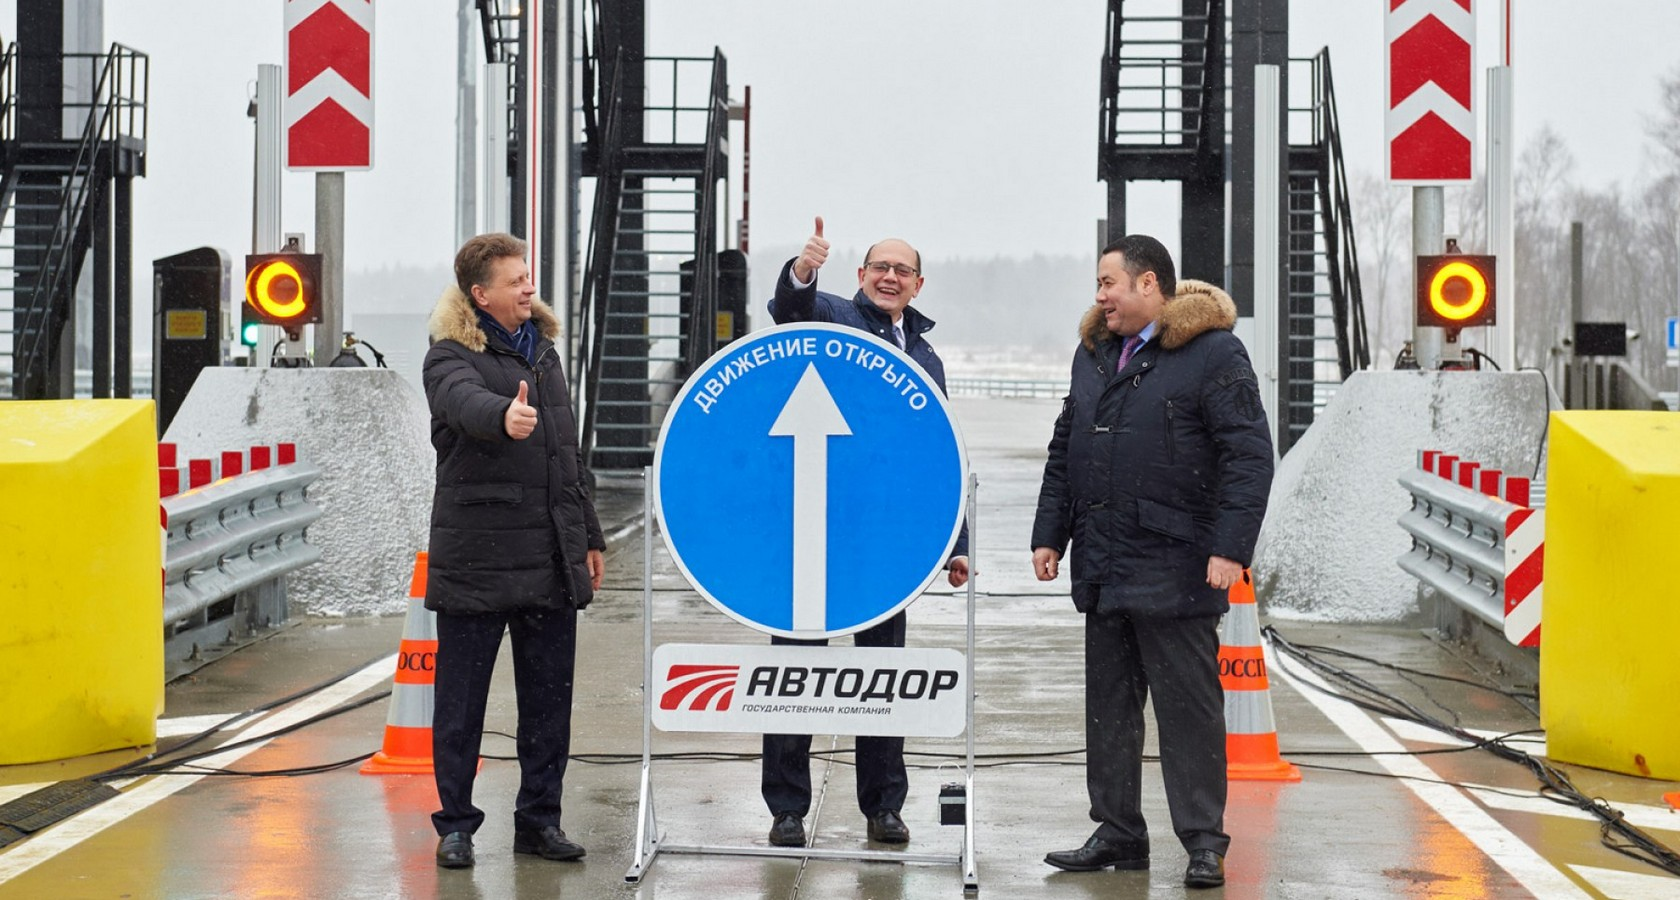 Торжественная церемония открытия нового дорожного участка М-11 в обход Торжка (фото: Минтранс)